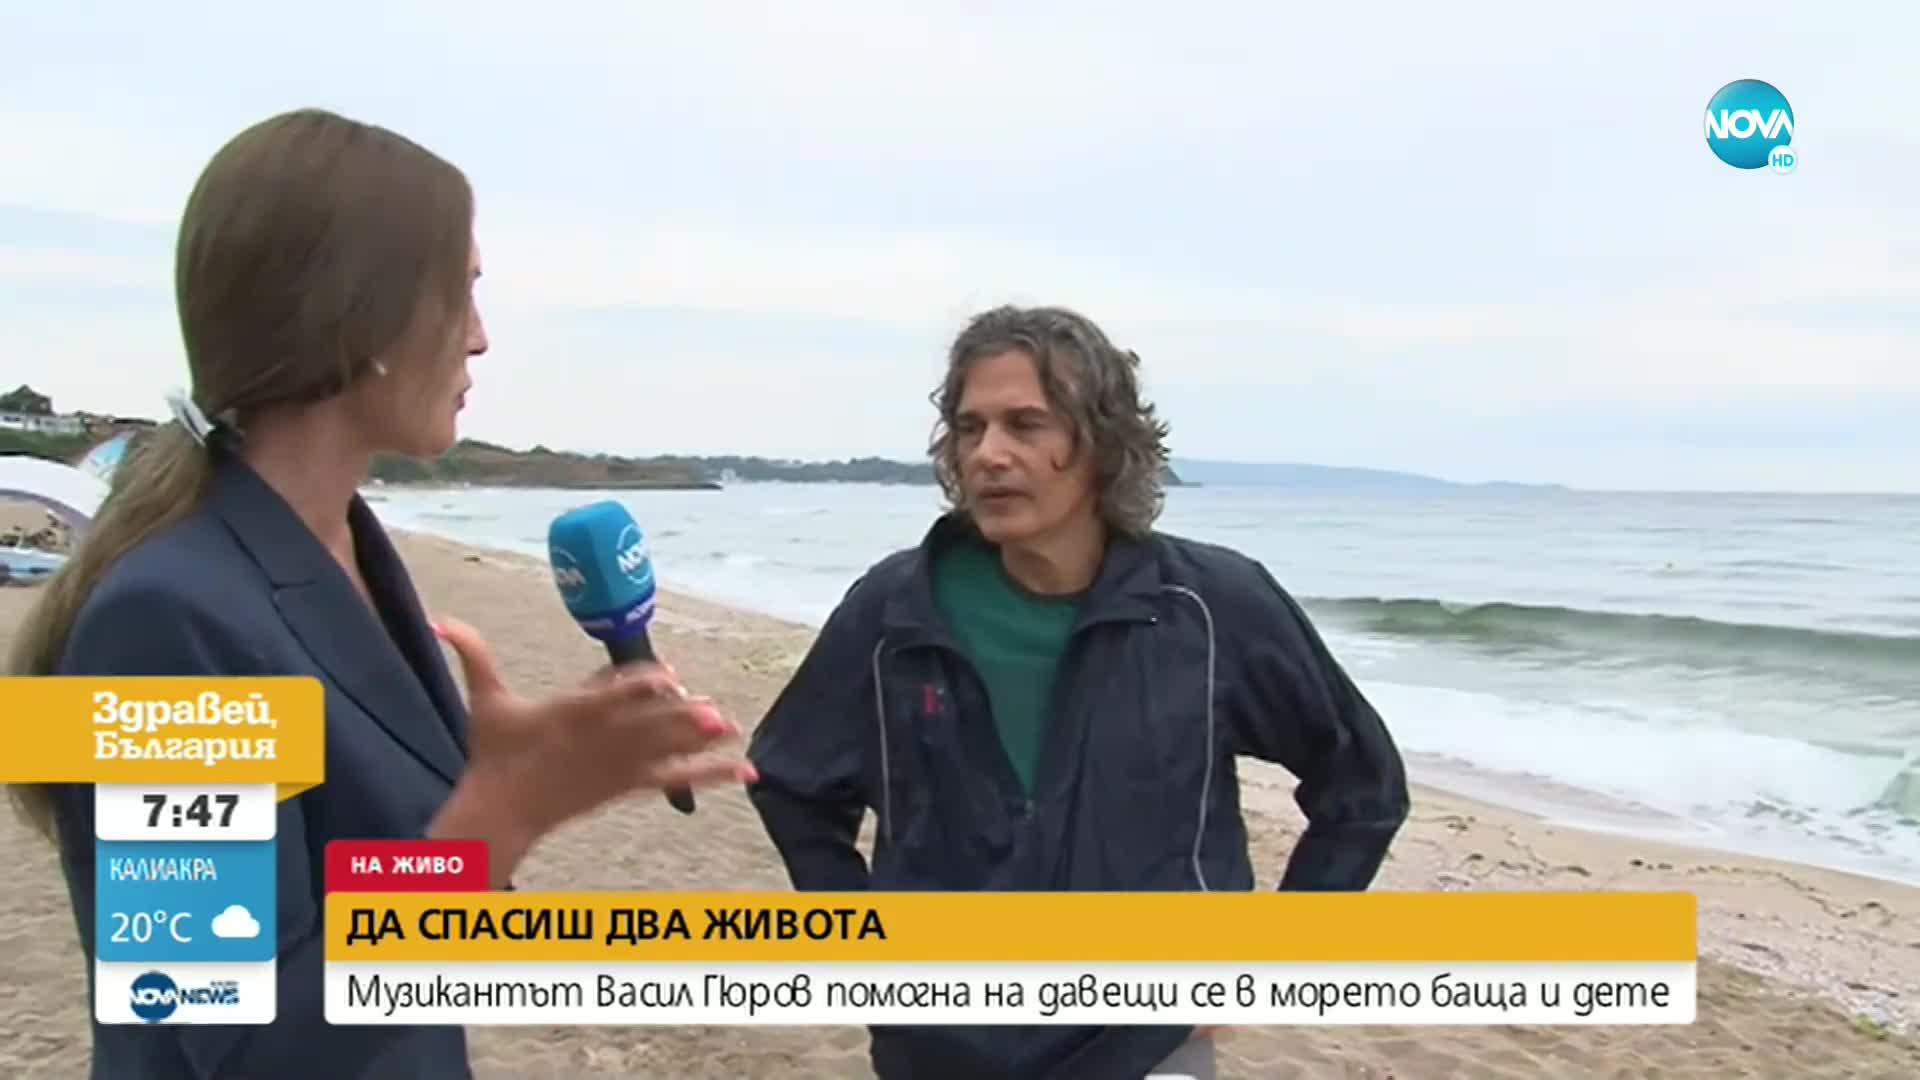 Музикантът Васил Гюров помогна на давещи се в морето баща и дете